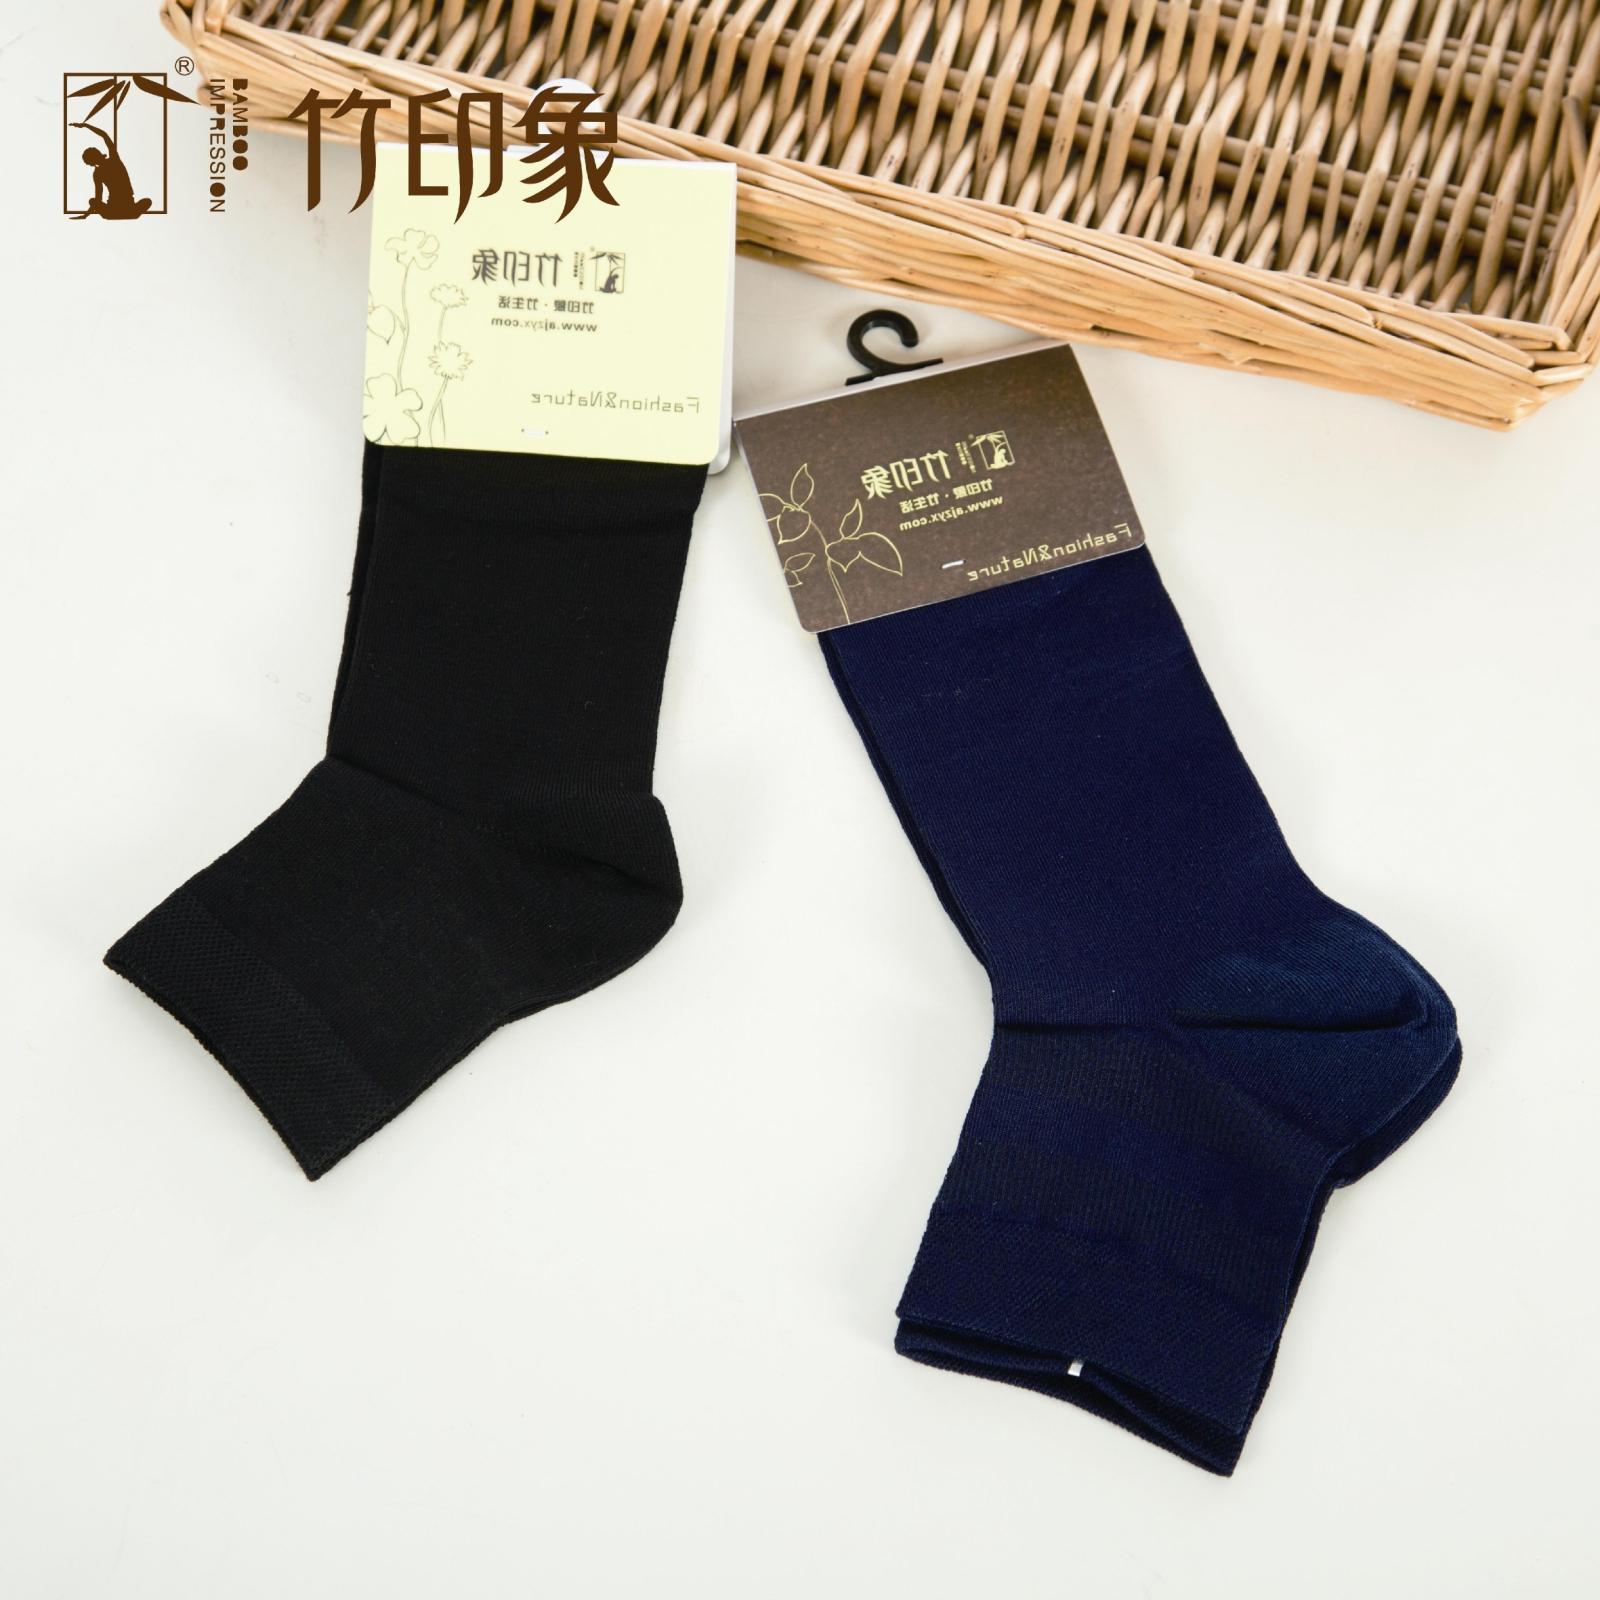 竹印象竹纤维夏季薄款男袜子舒适透气 针织袜子